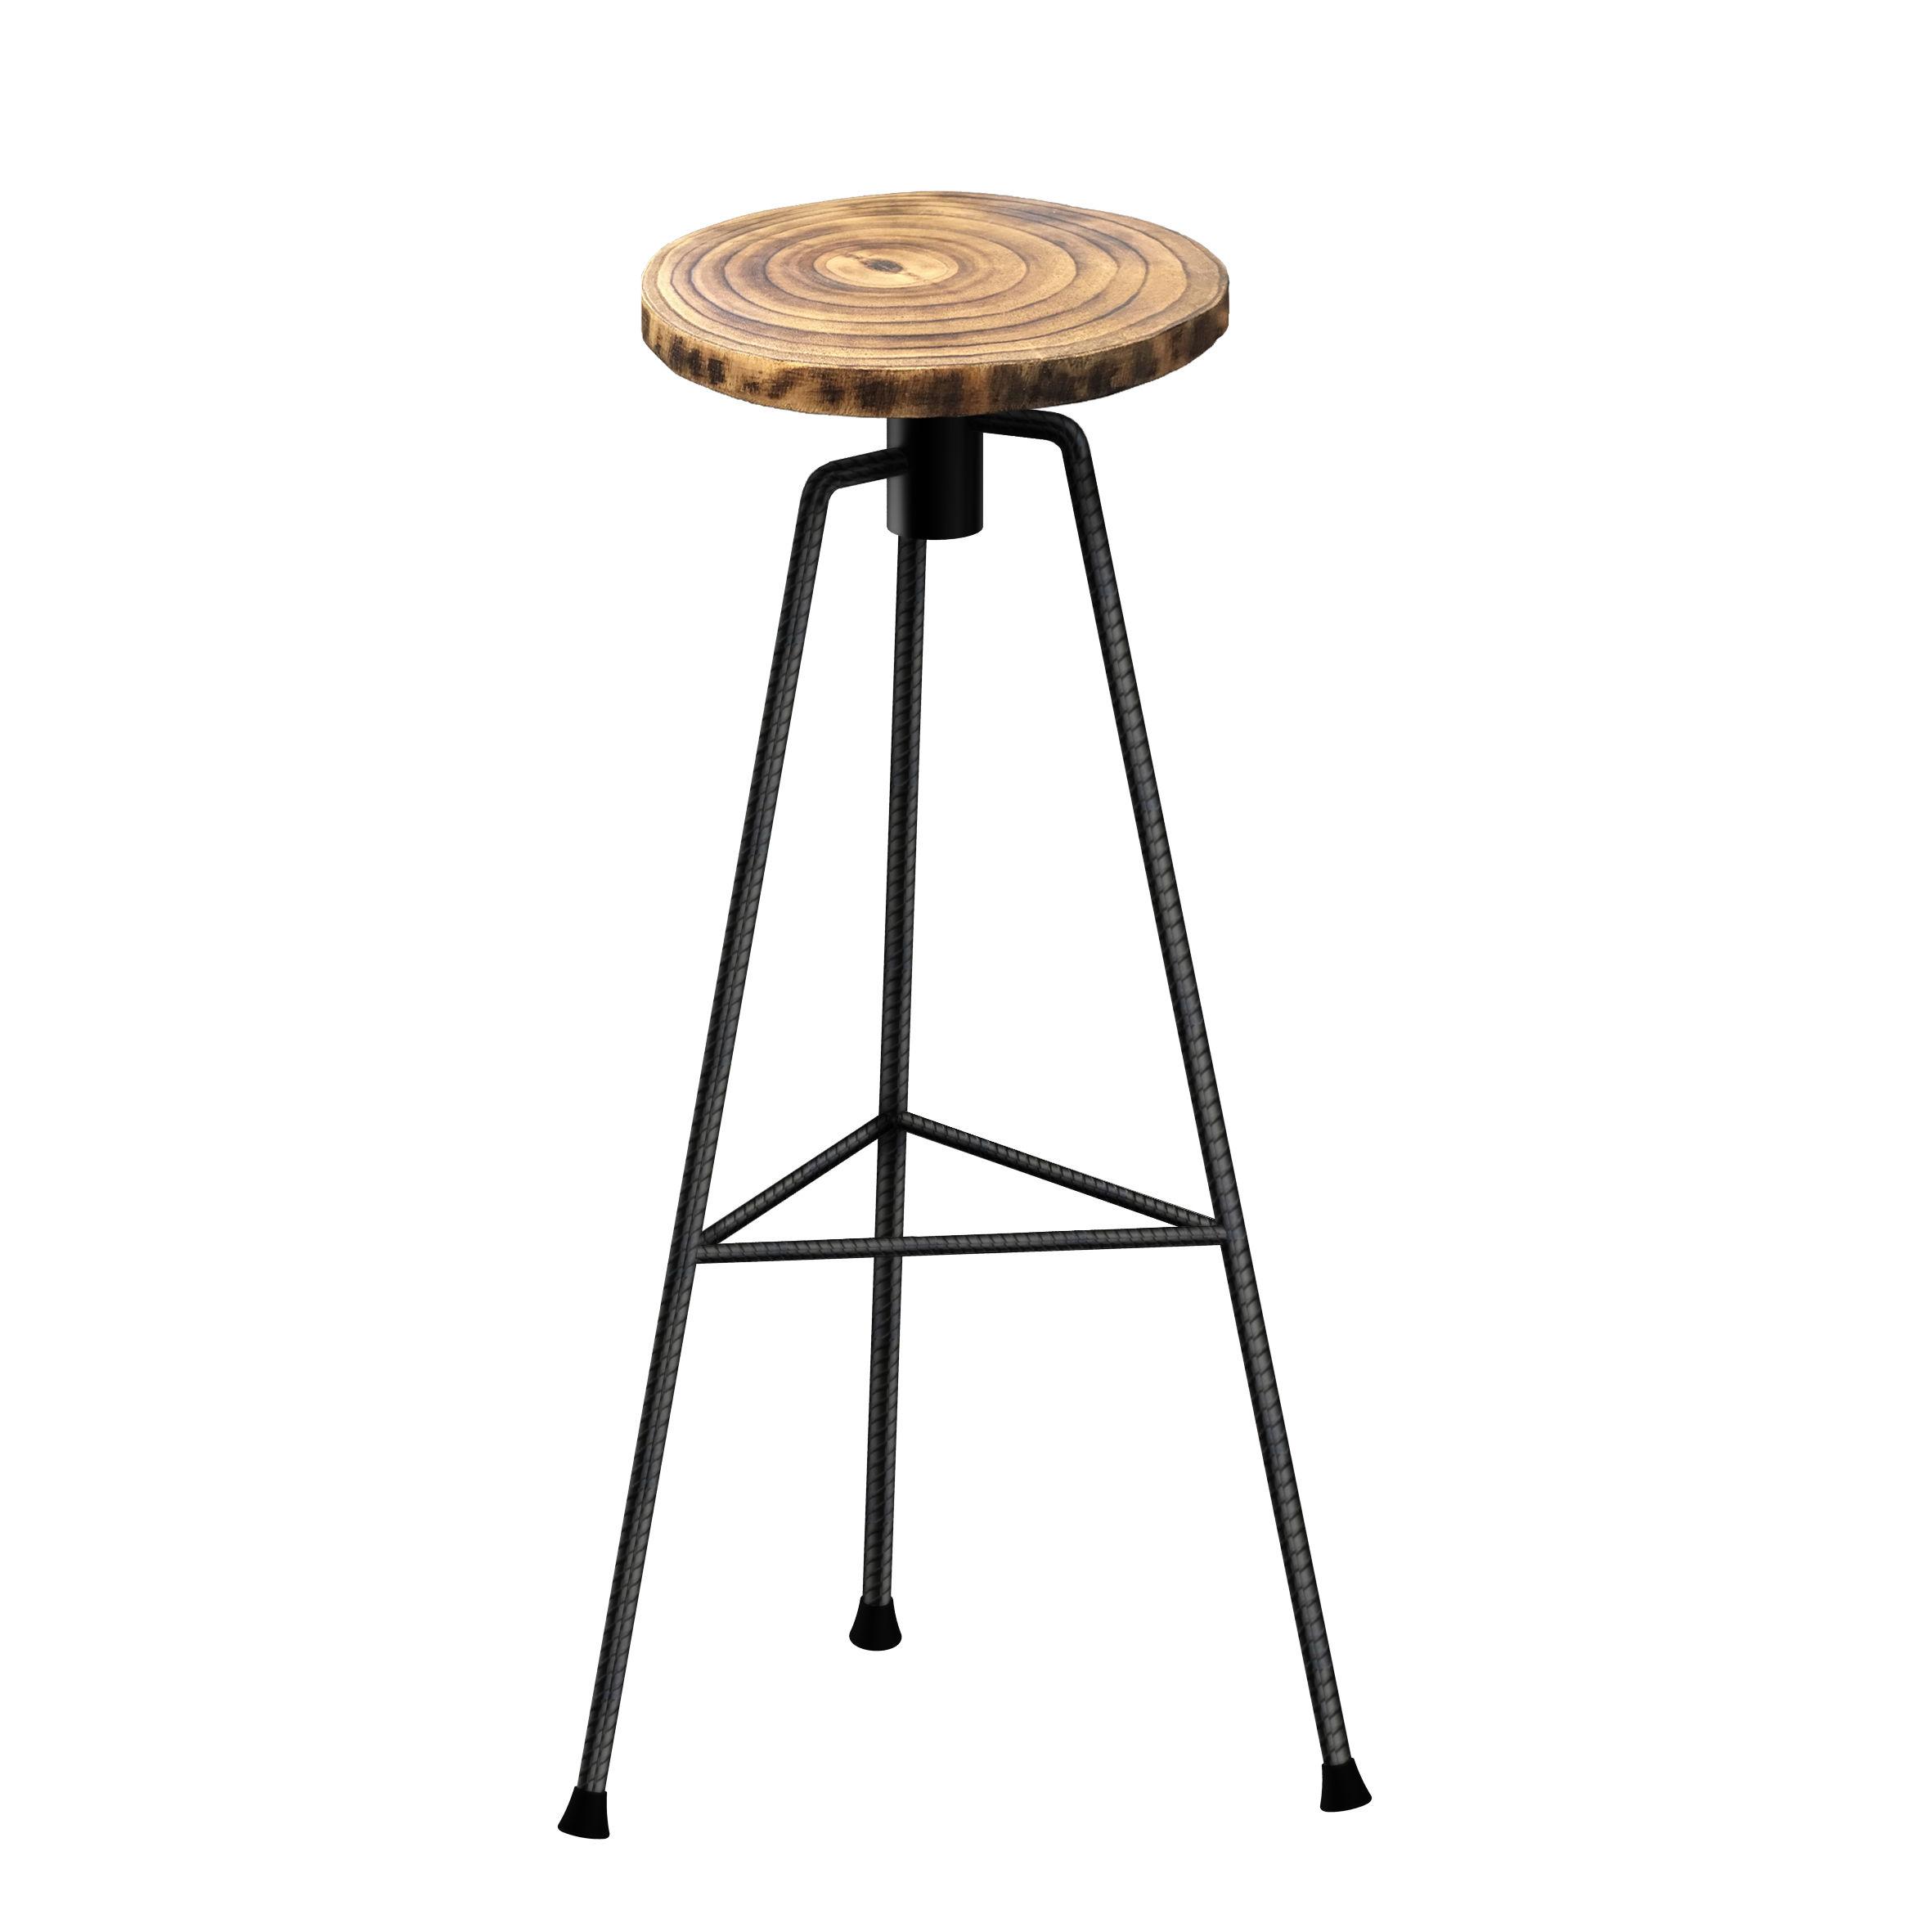 Mobilier - Tabourets de bar - Tabouret de bar Nikita / H 82 cm - Bois & métal - Zeus - Pied métal brut / Bois - Acier, Bois massif